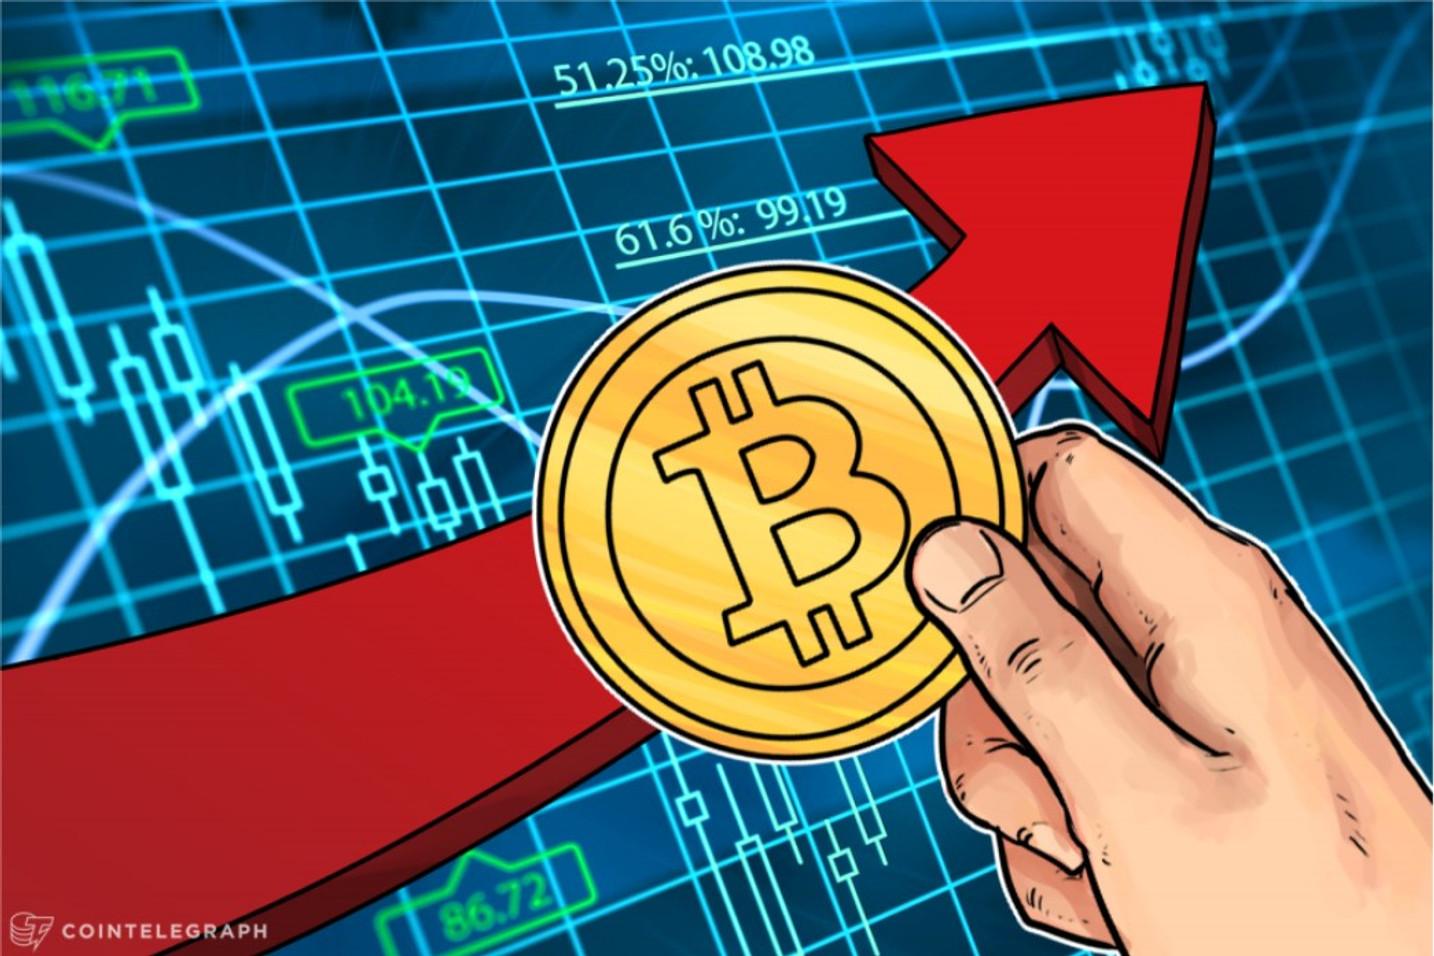 Menor divisão do Bitcoin, Satoshi pode passar a valer mais que Bolívar Venezuelano em breve